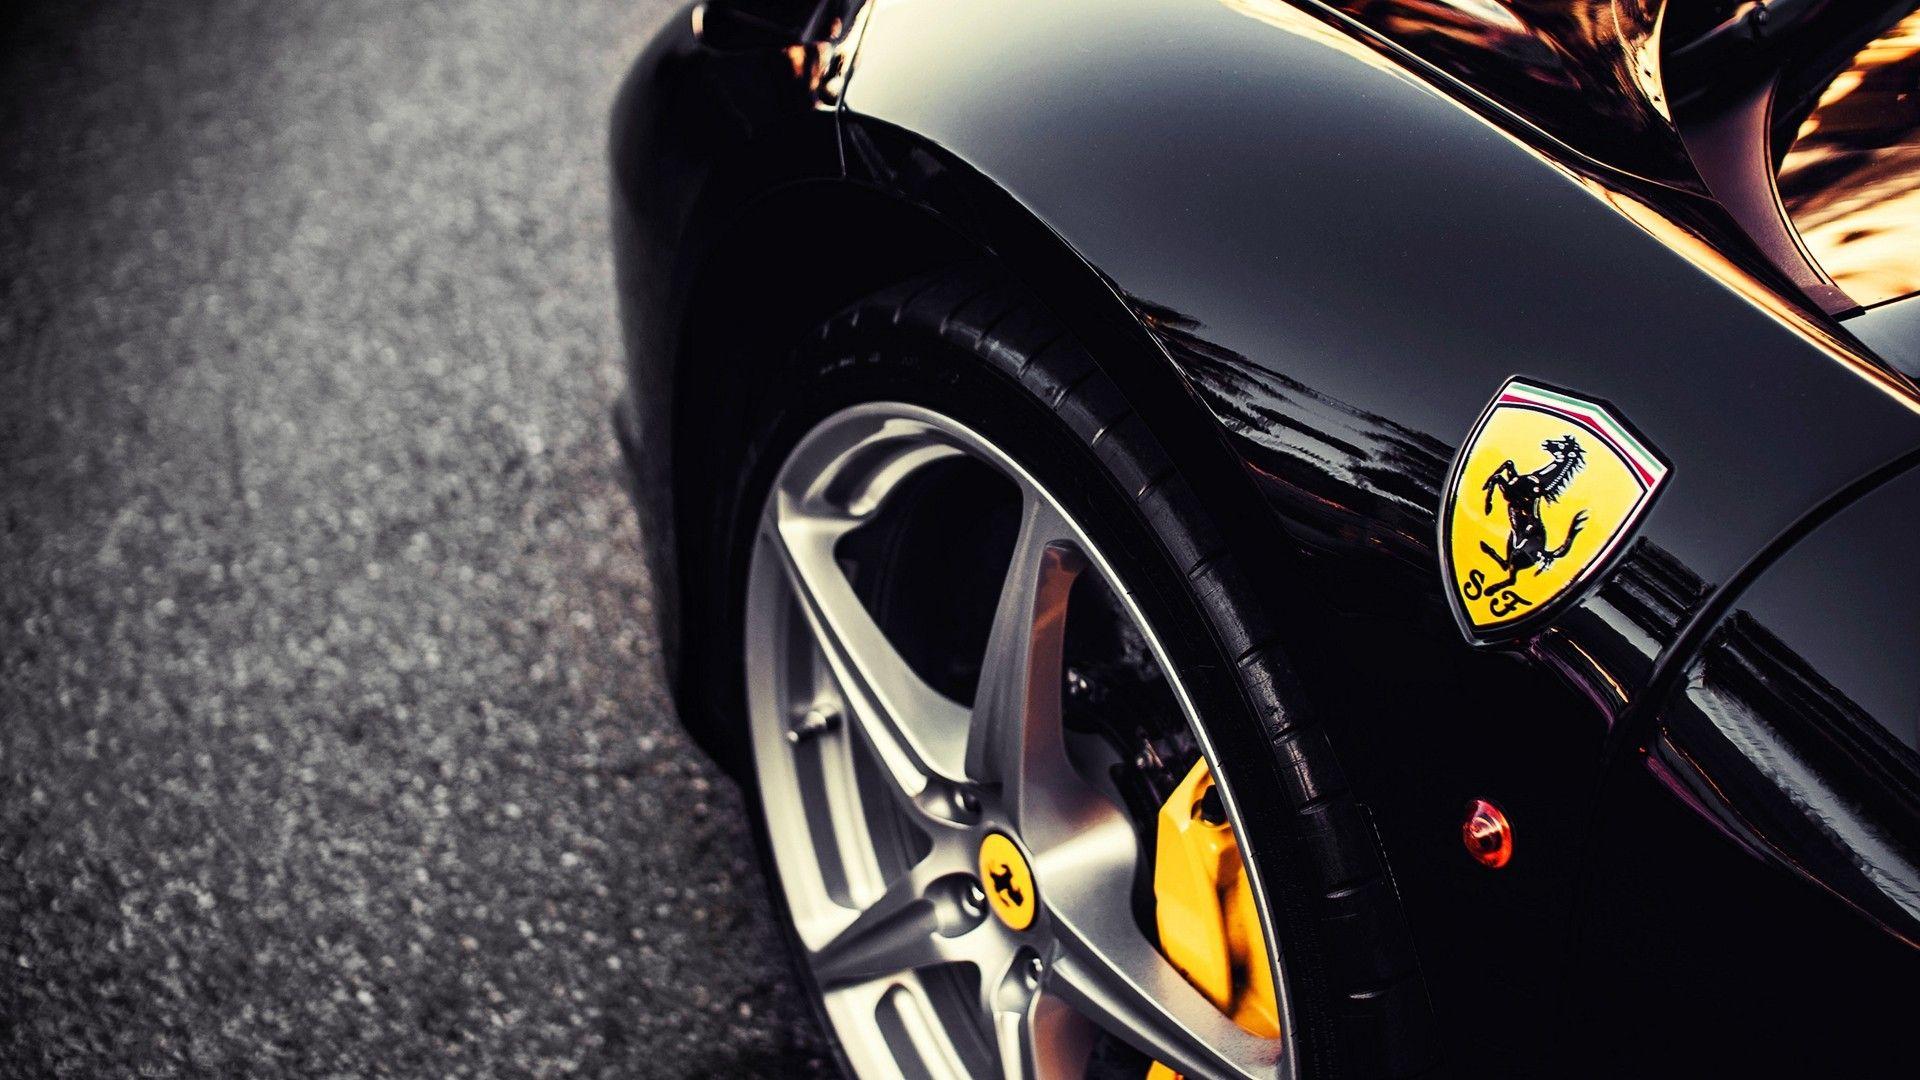 ferrari emblem hd 1080p wallpapers download - Ferrari Logo Wallpaper